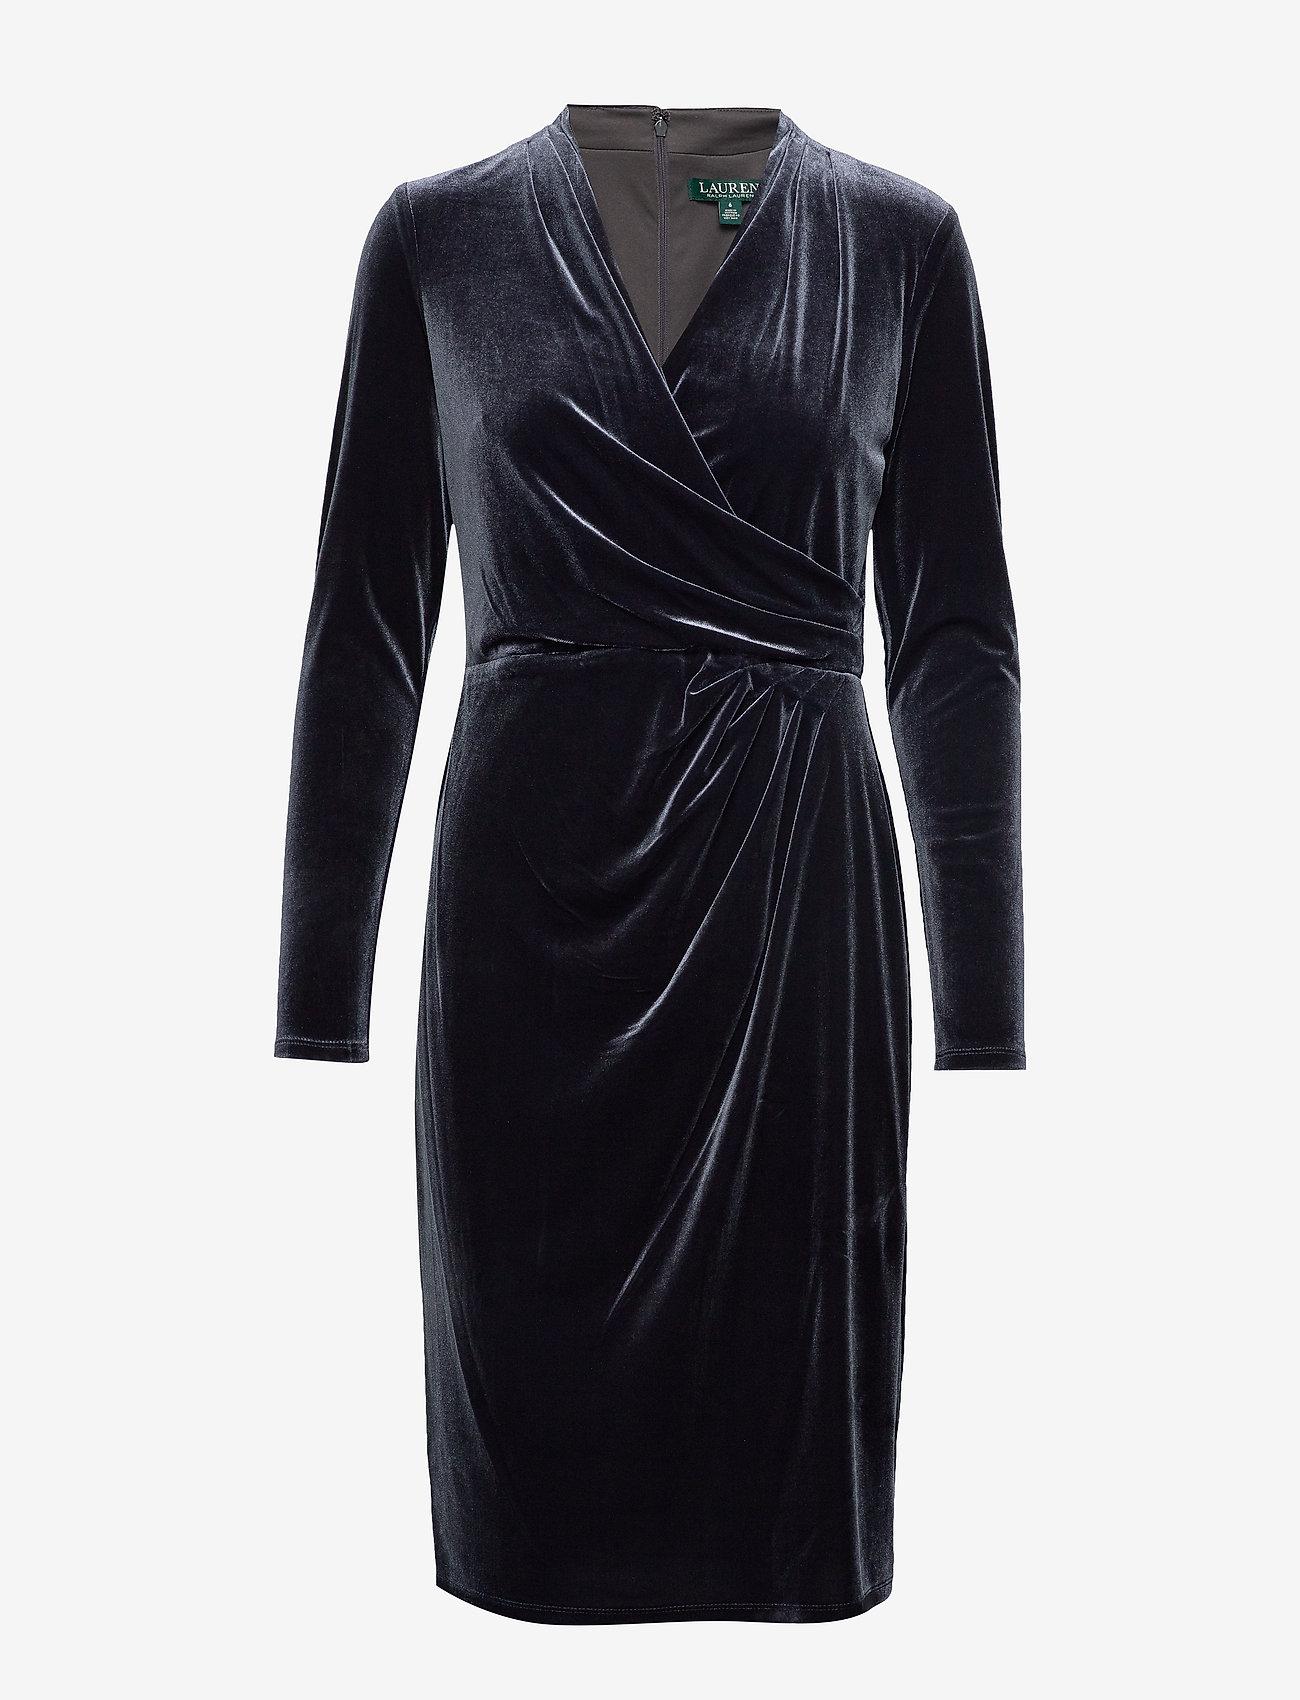 Lauren Ralph Lauren - RADIANT STR VELVET-DRESS - wrap dresses - charcoal - 0